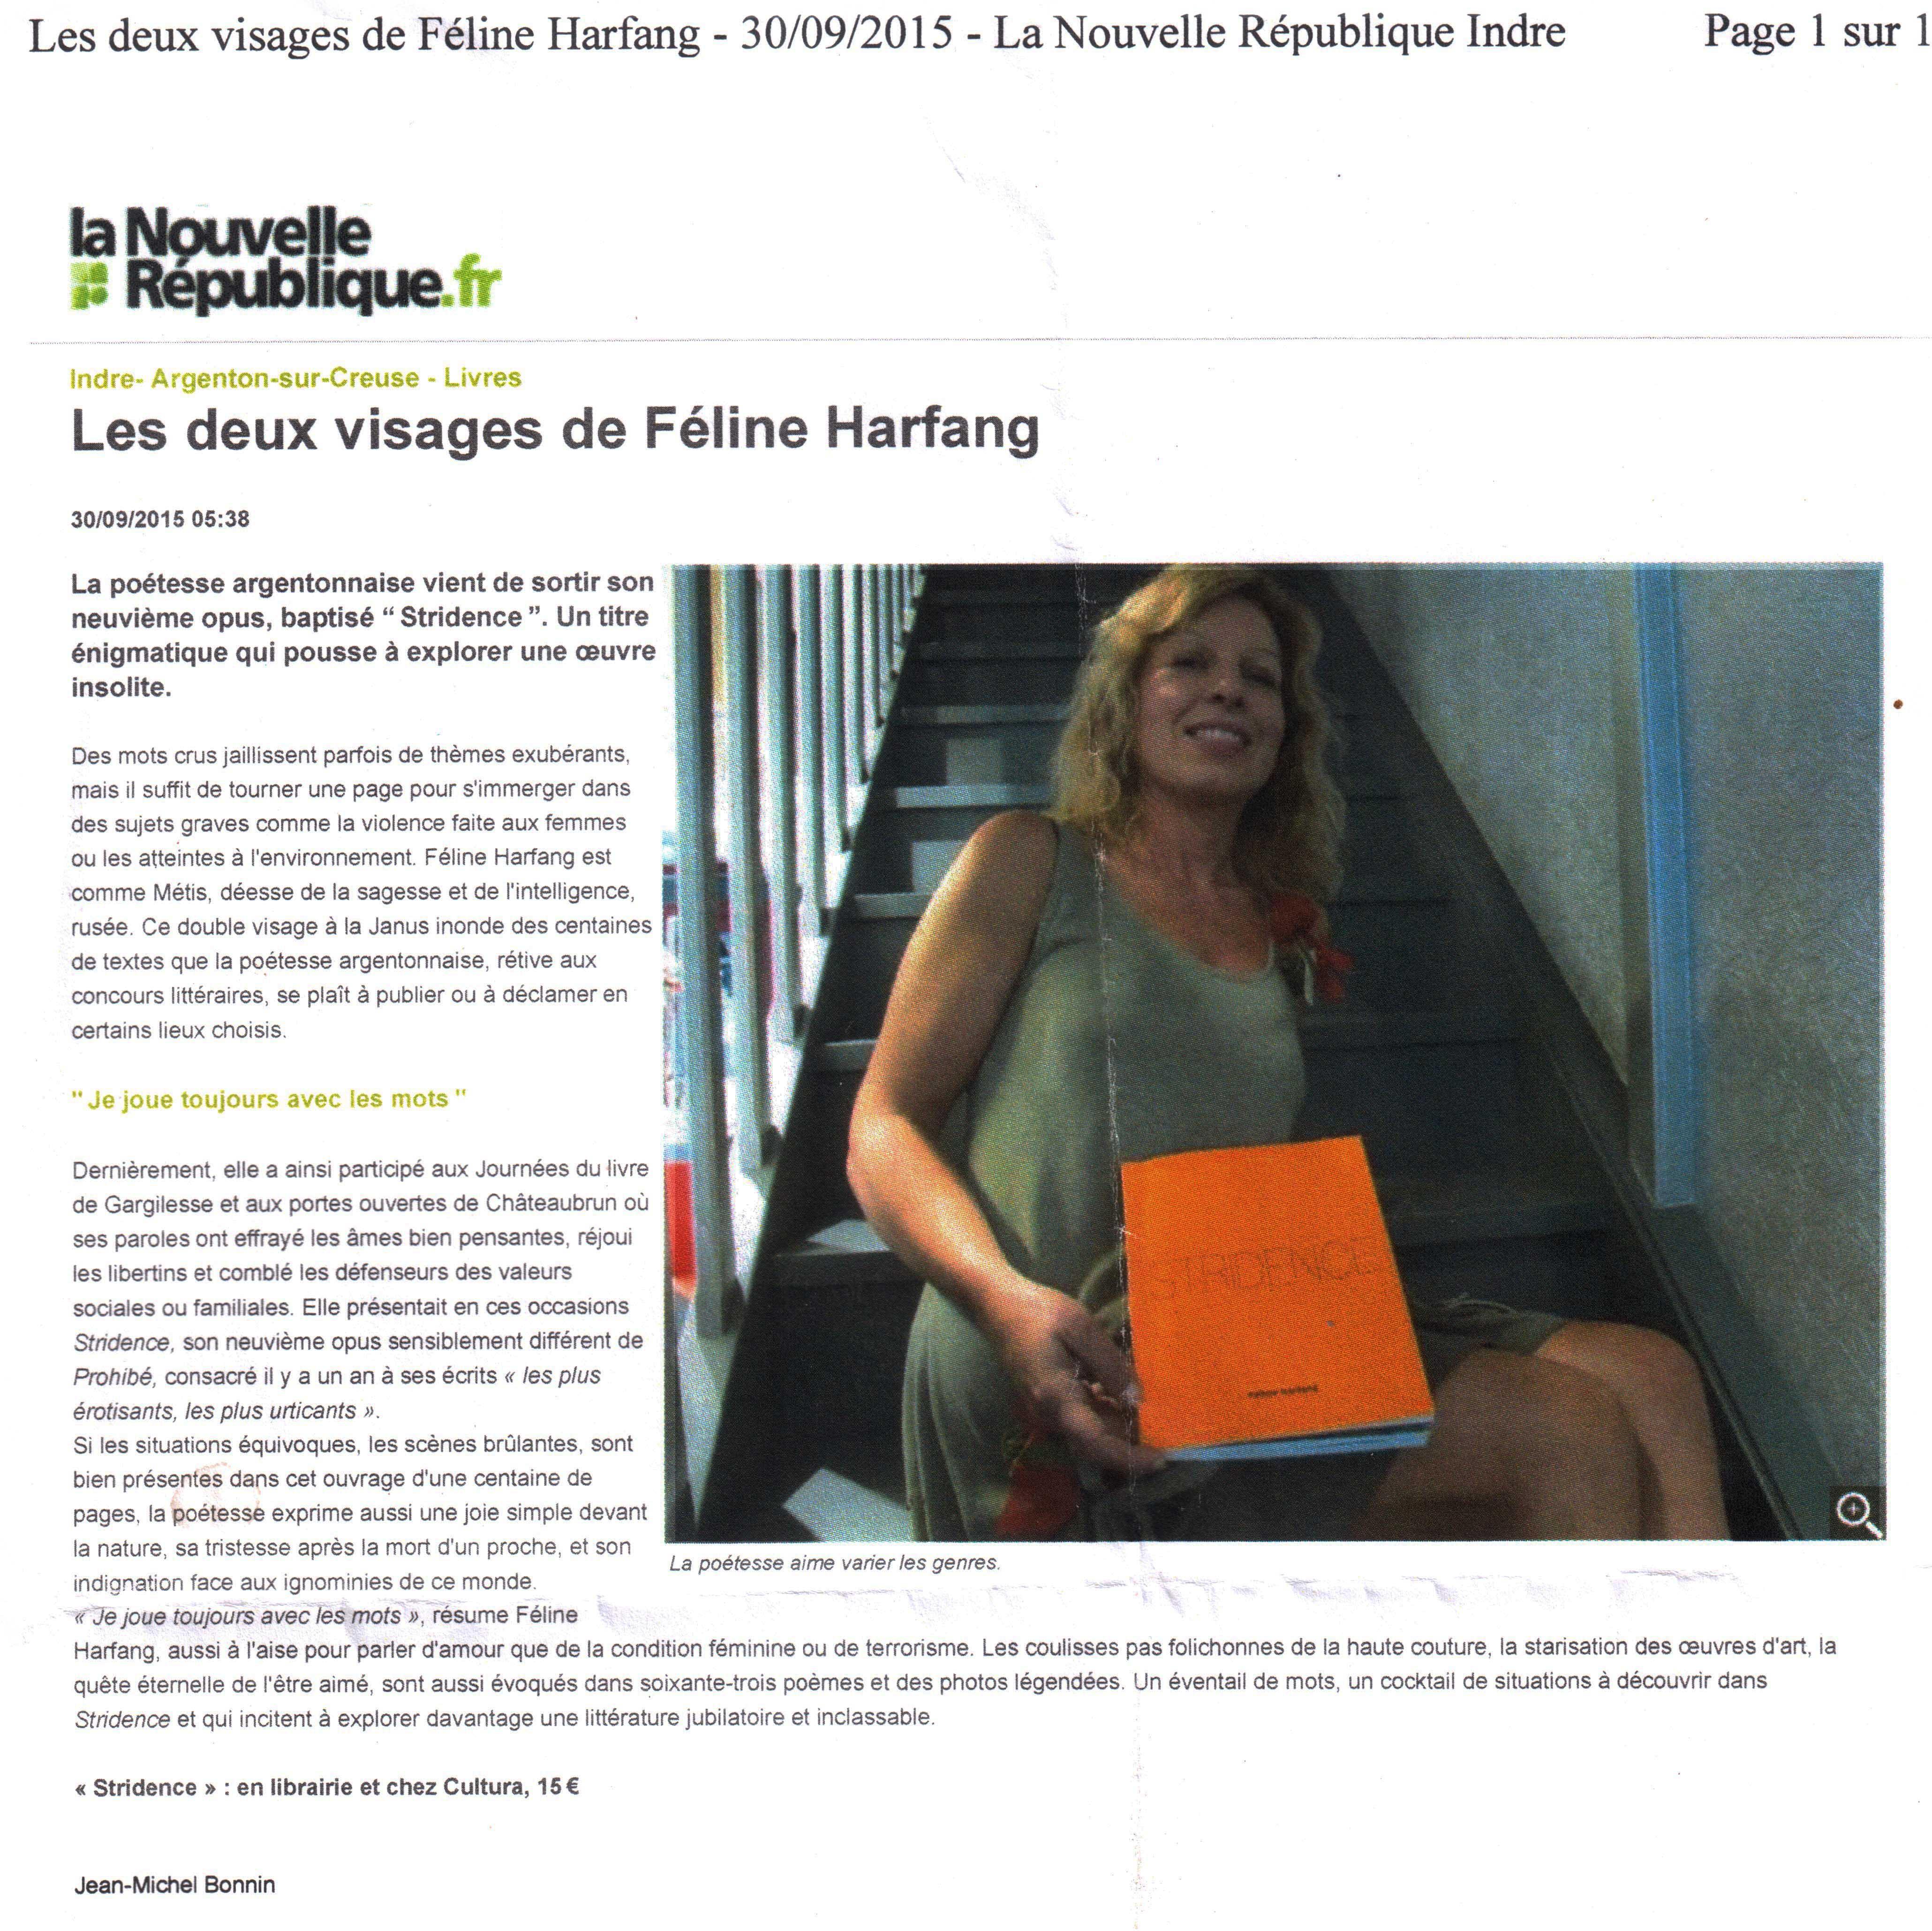 Les deux visages de Féline Harfang-Article de Jean-Michel BONNIN. La Nouvelle Republique du 30/09/2015